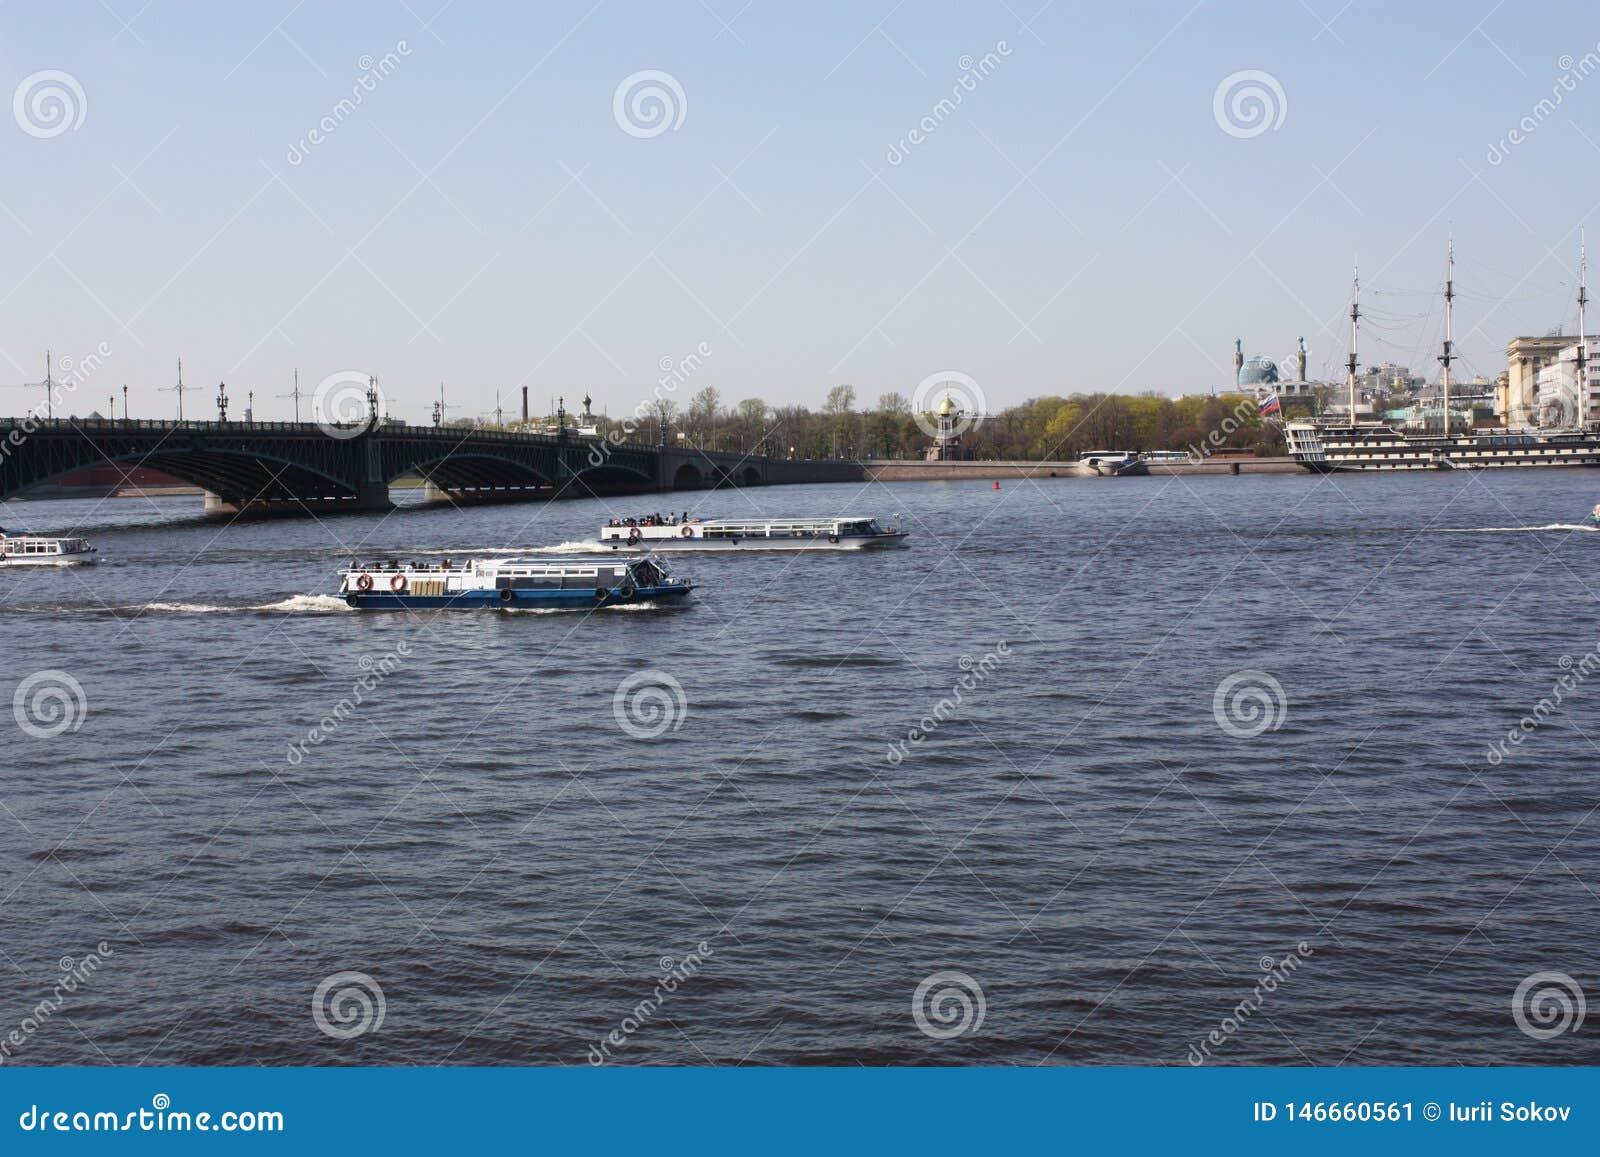 De mening van de rivier, de brug en de boten